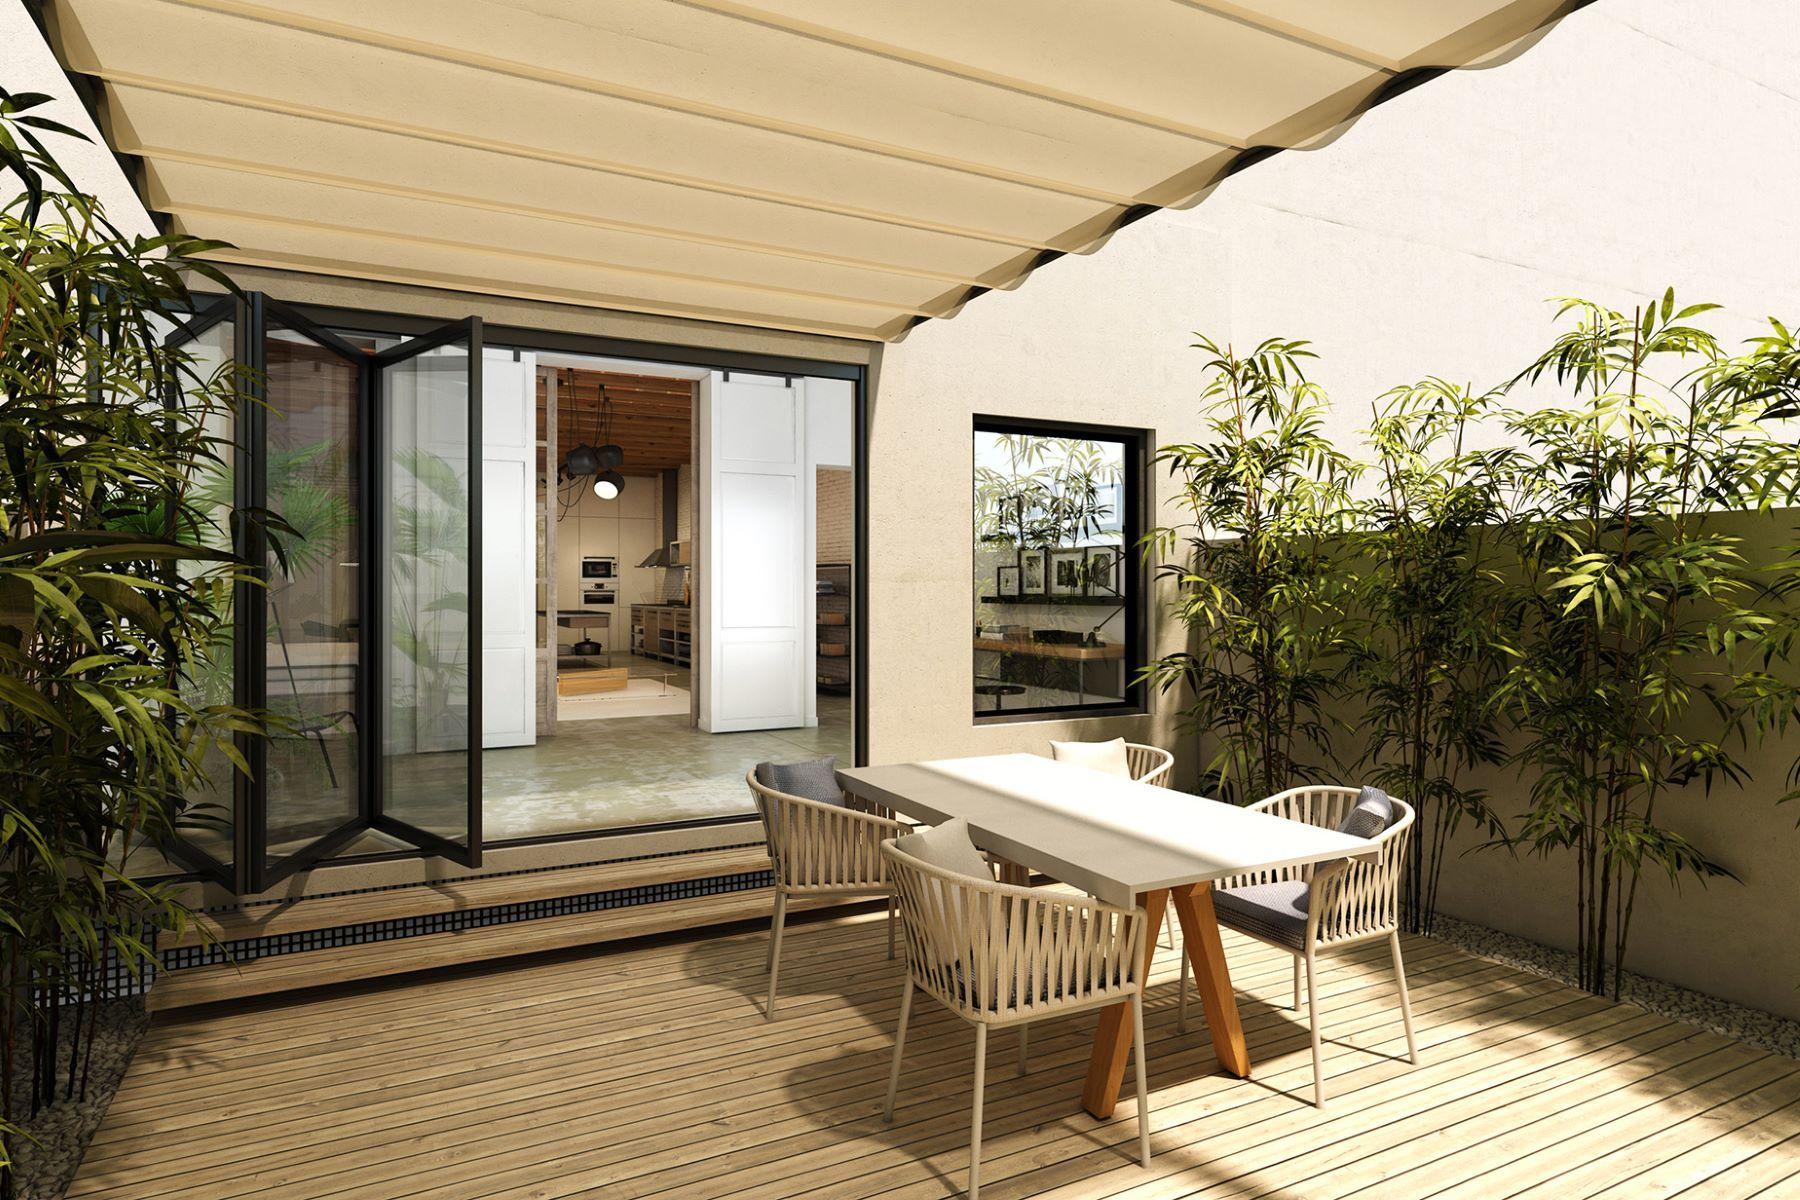 公寓 為 出售 在 Apartment with loft character in Eixample Barcelona City, Barcelona, 08007 西班牙